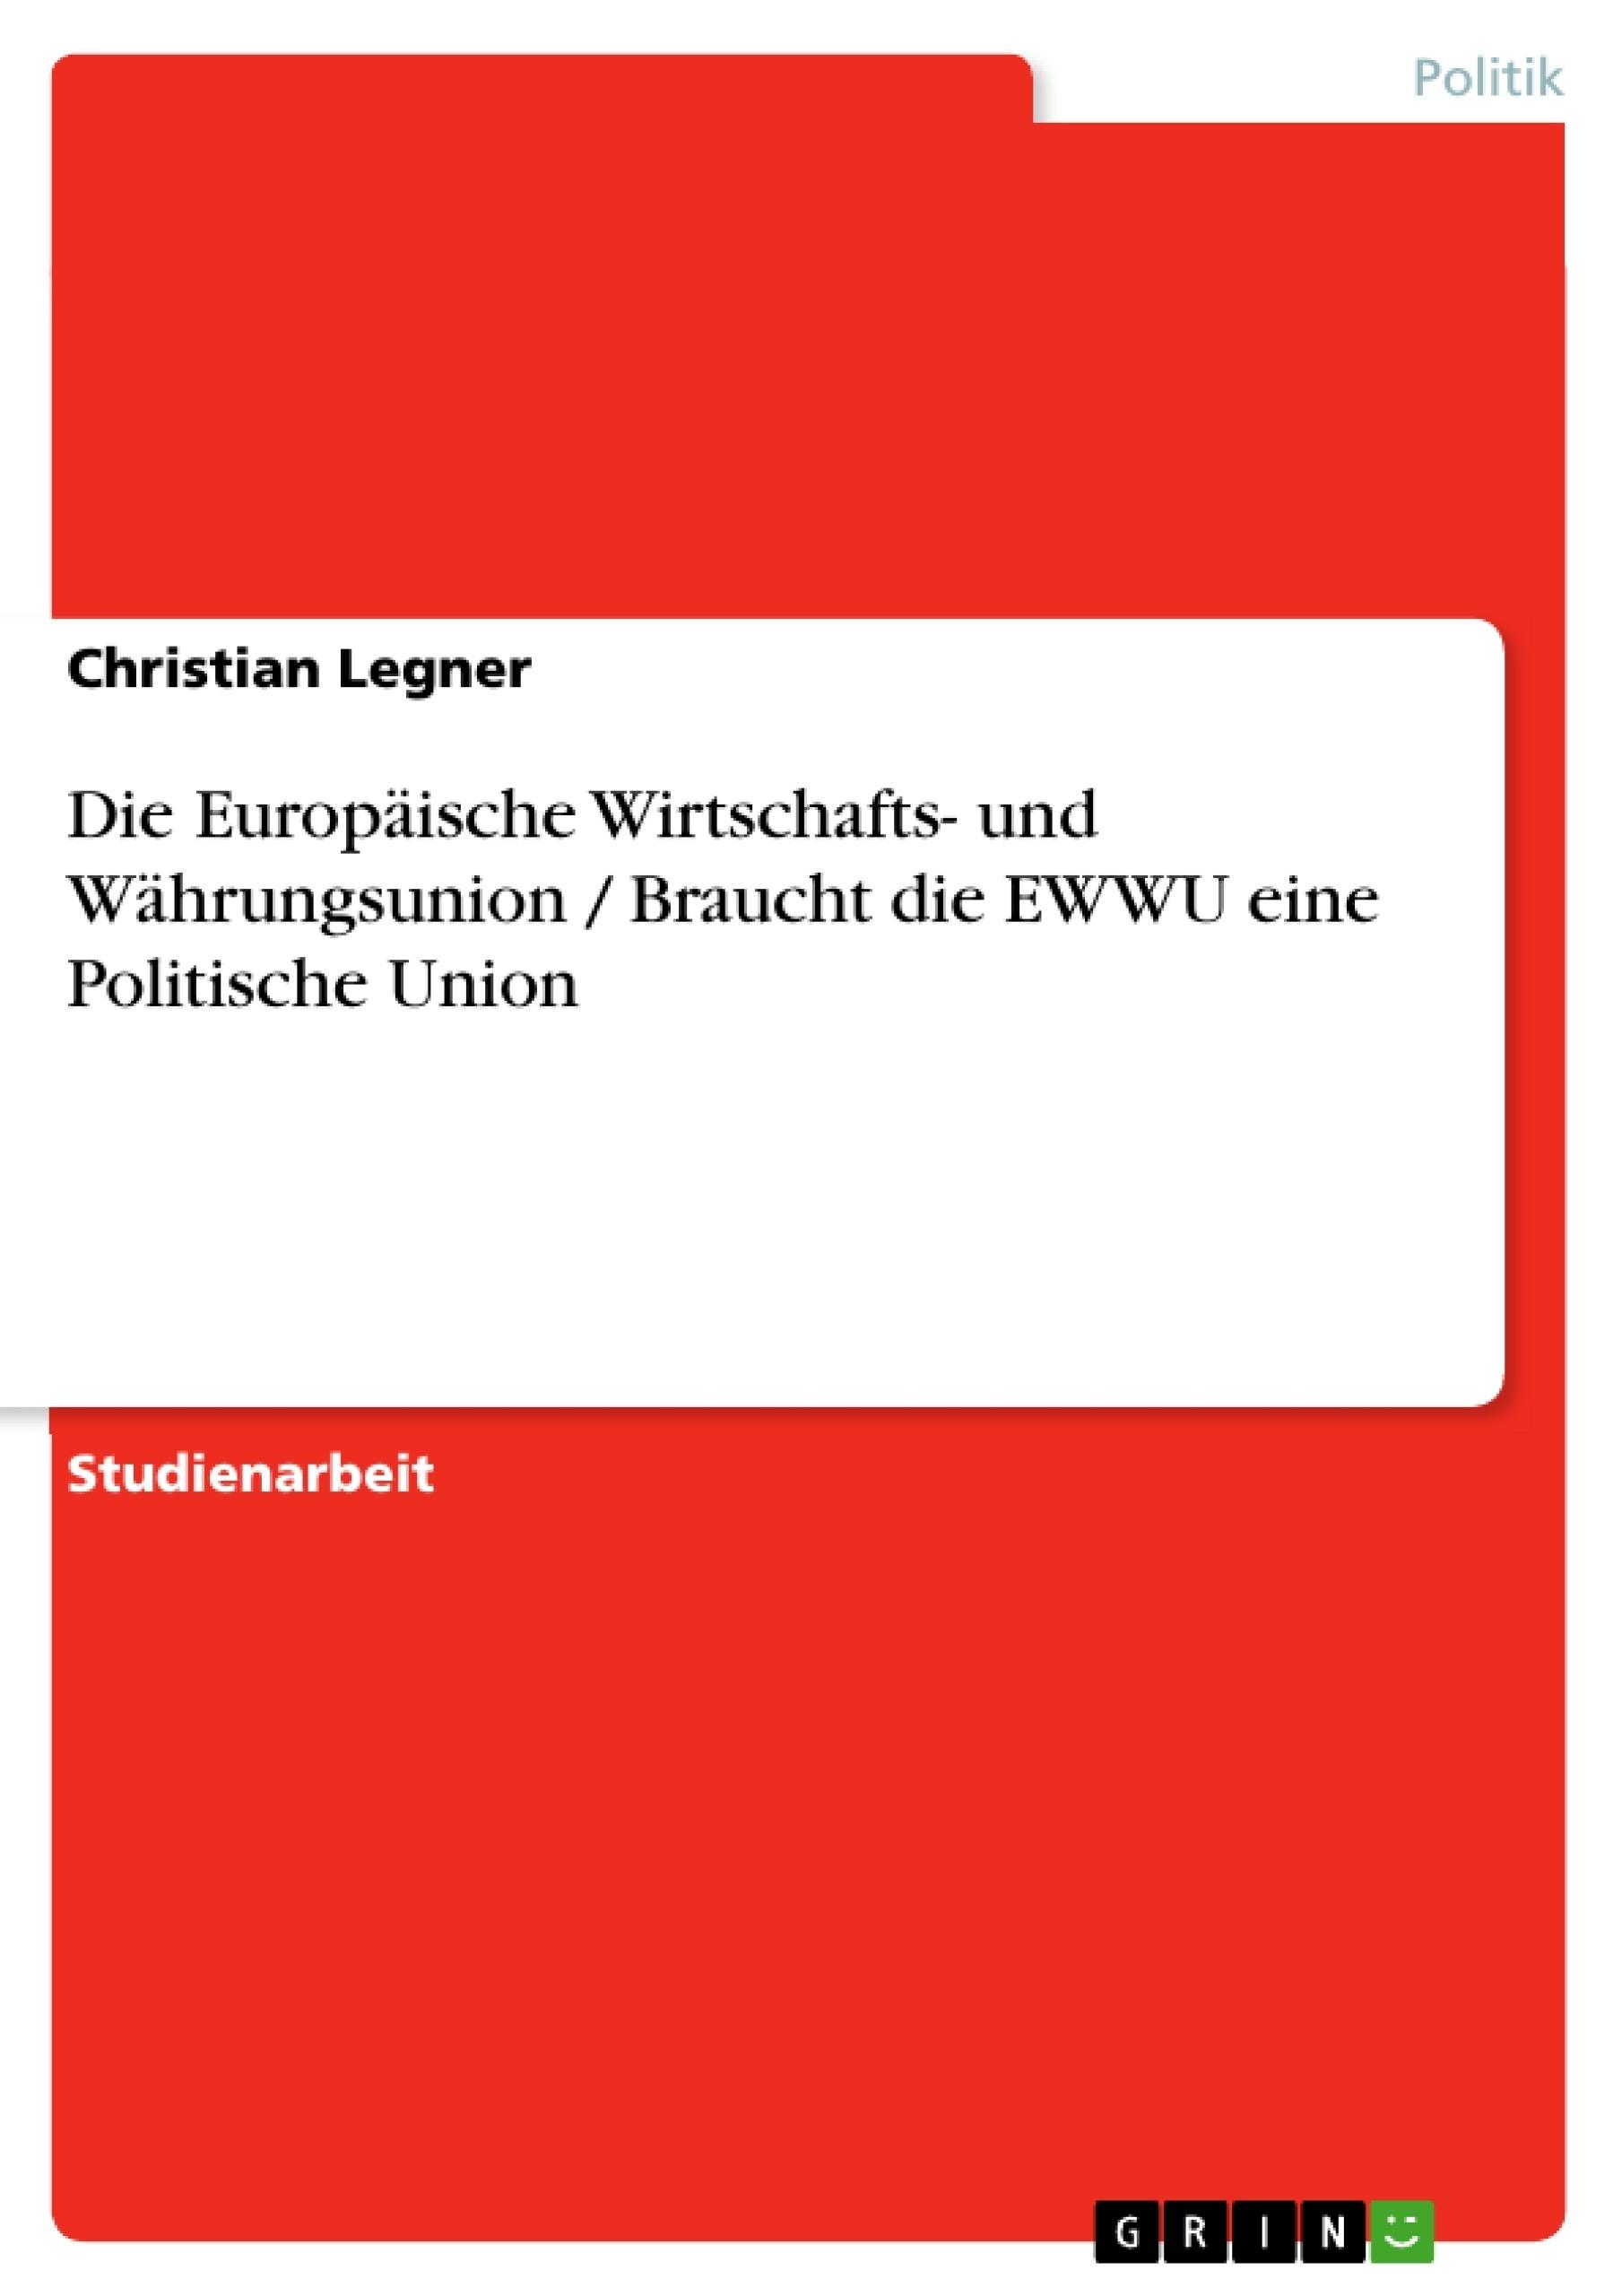 Titel: Die Europäische Wirtschafts- und Währungsunion / Braucht die EWWU eine Politische Union